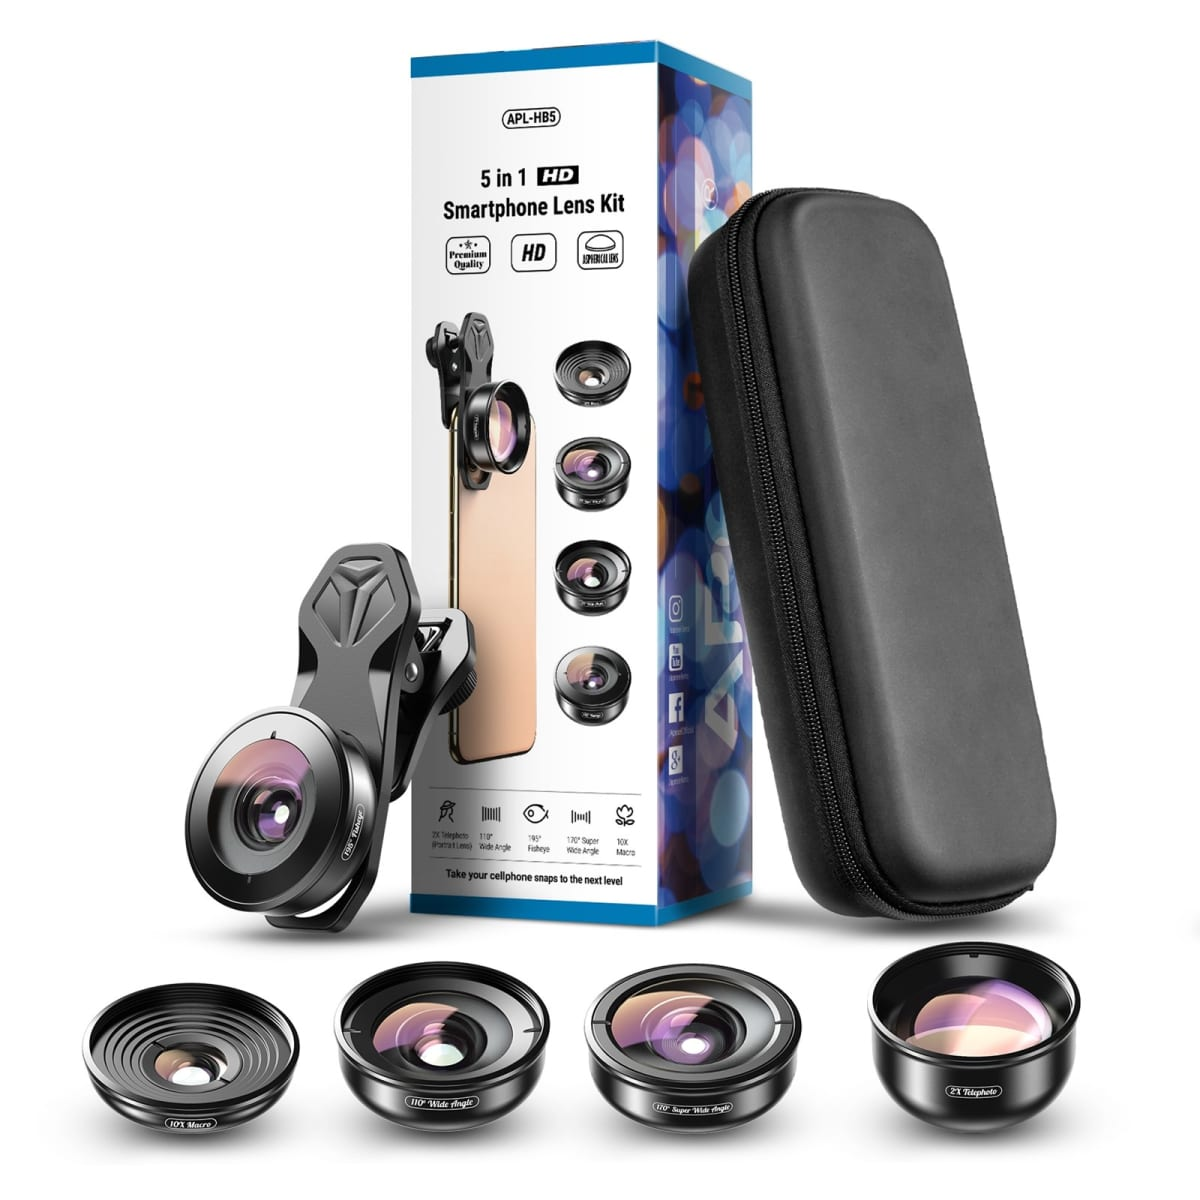 Apexel 4K HD Smart Phone 5-in-1 Camera Lens Kit